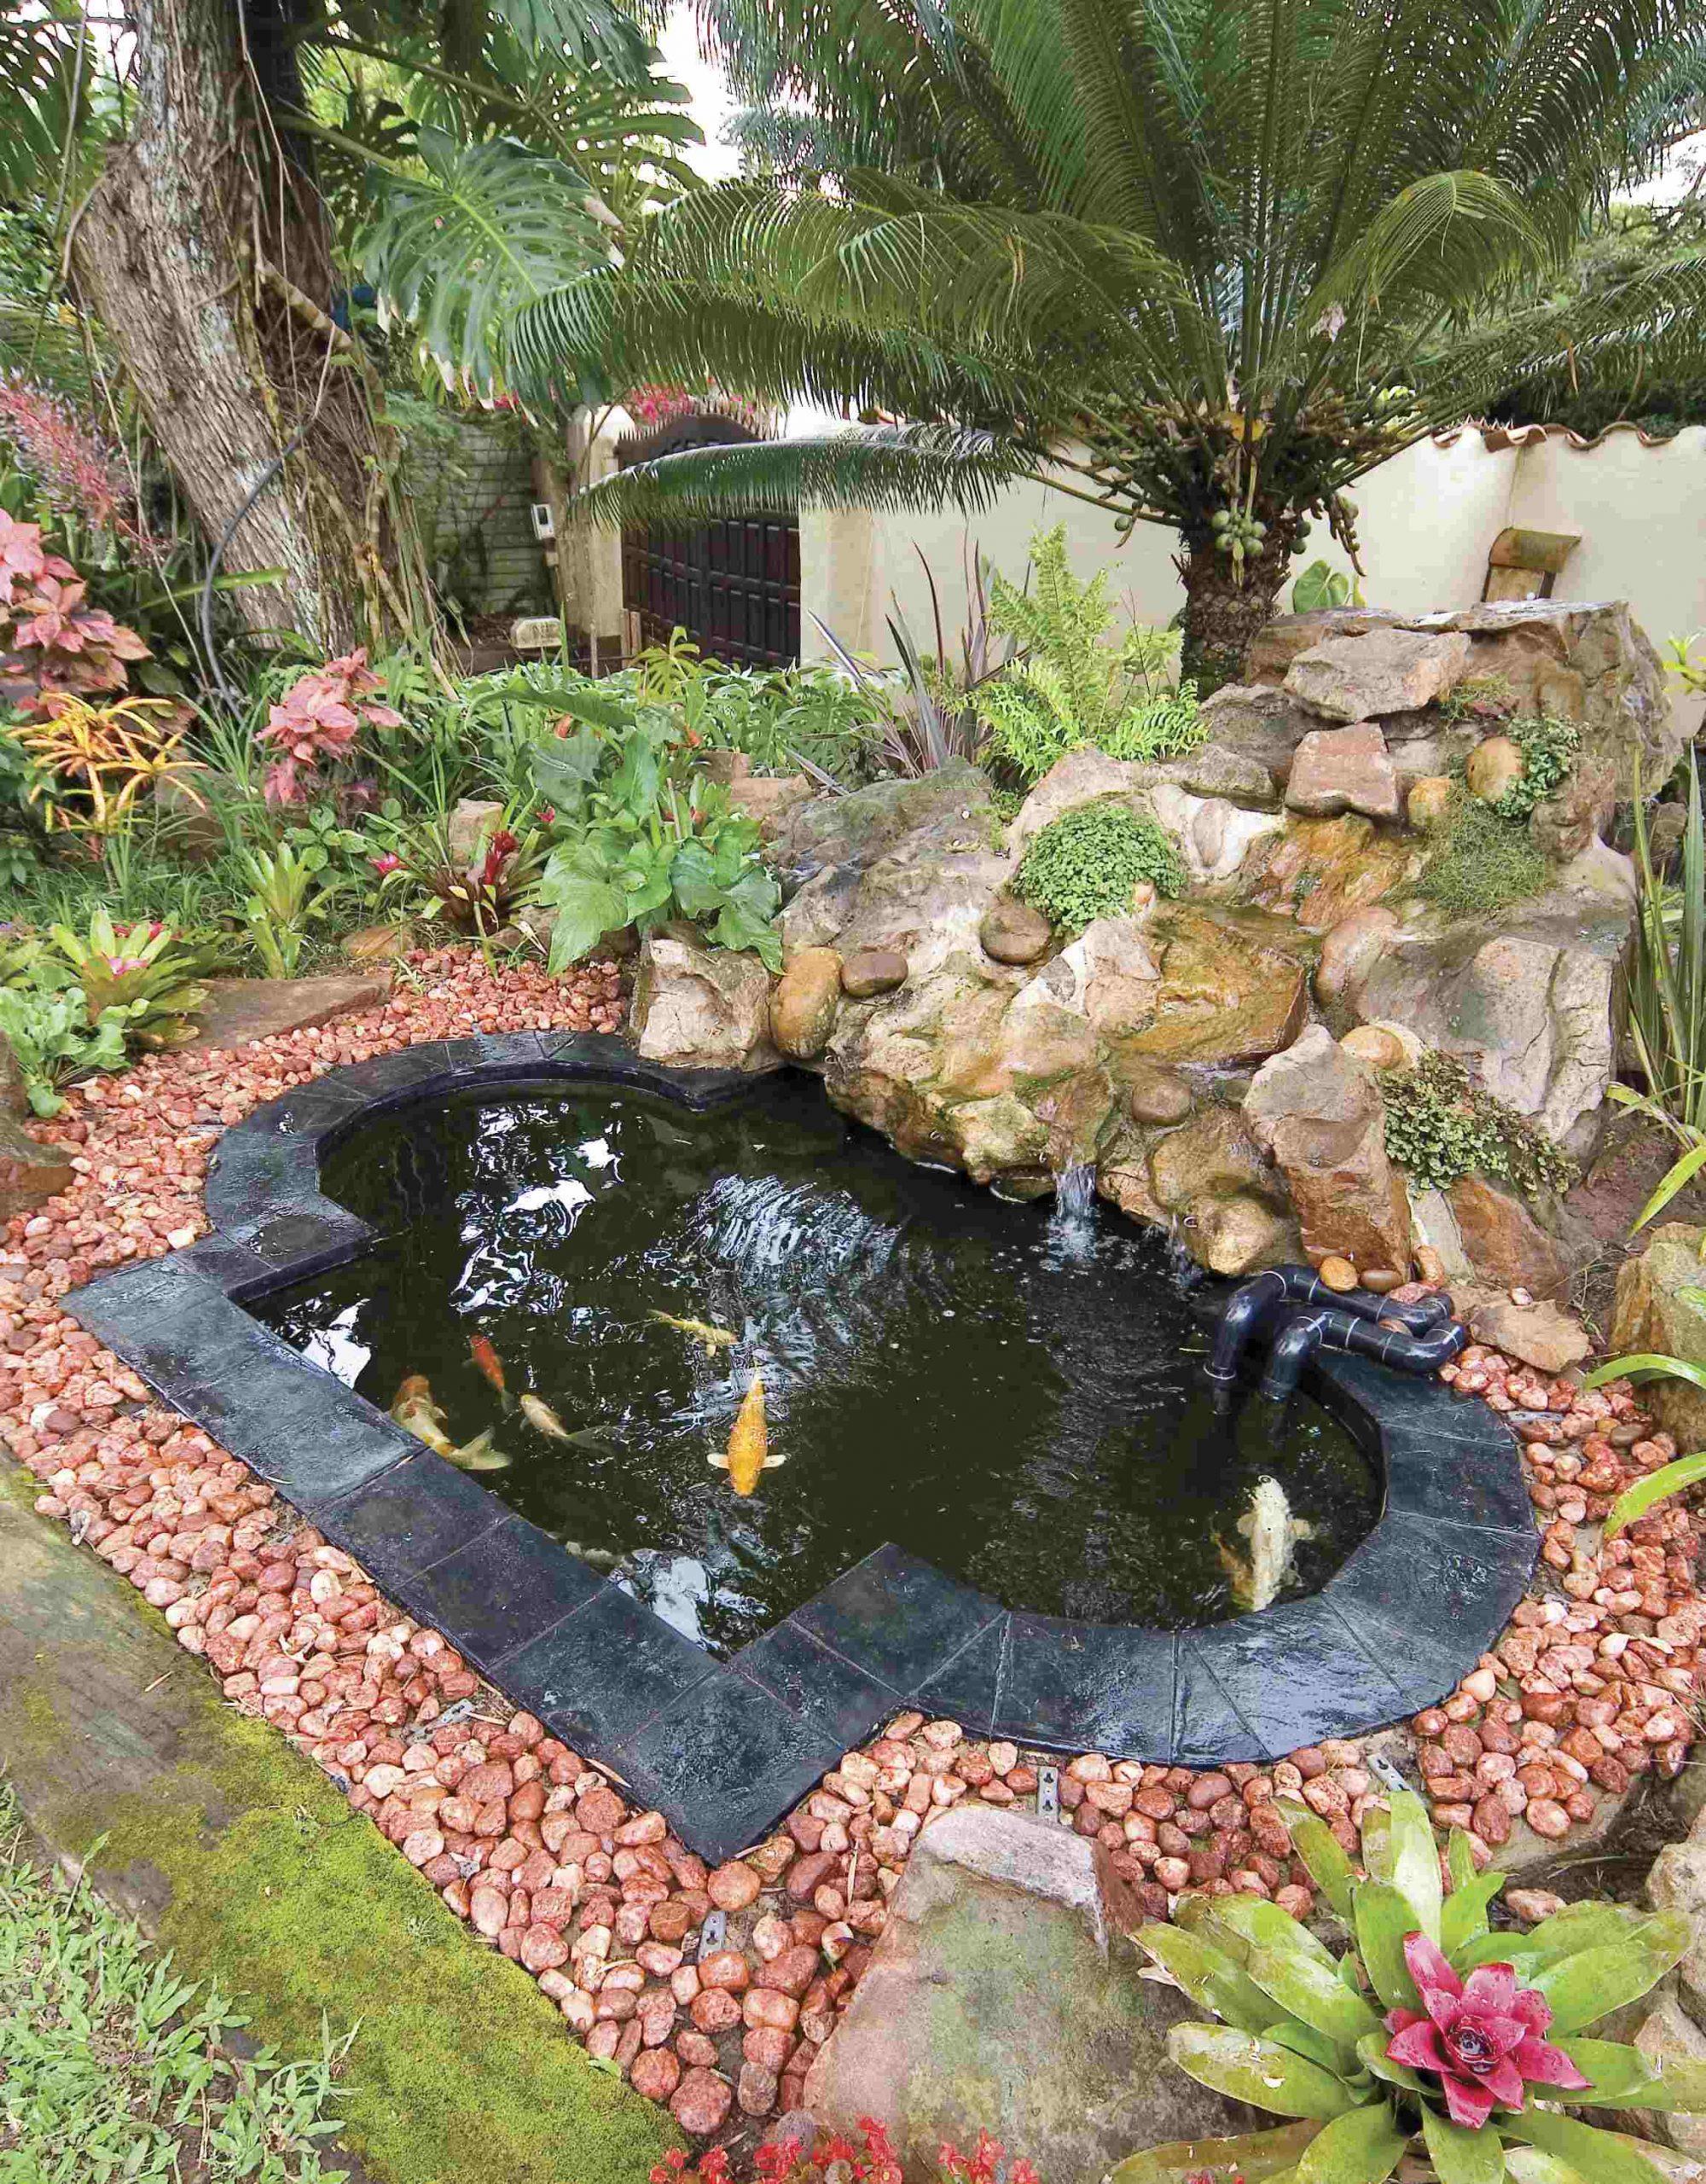 Jardins D'eau Larochelle intérieur Chute D Eau Bassin De Jardin